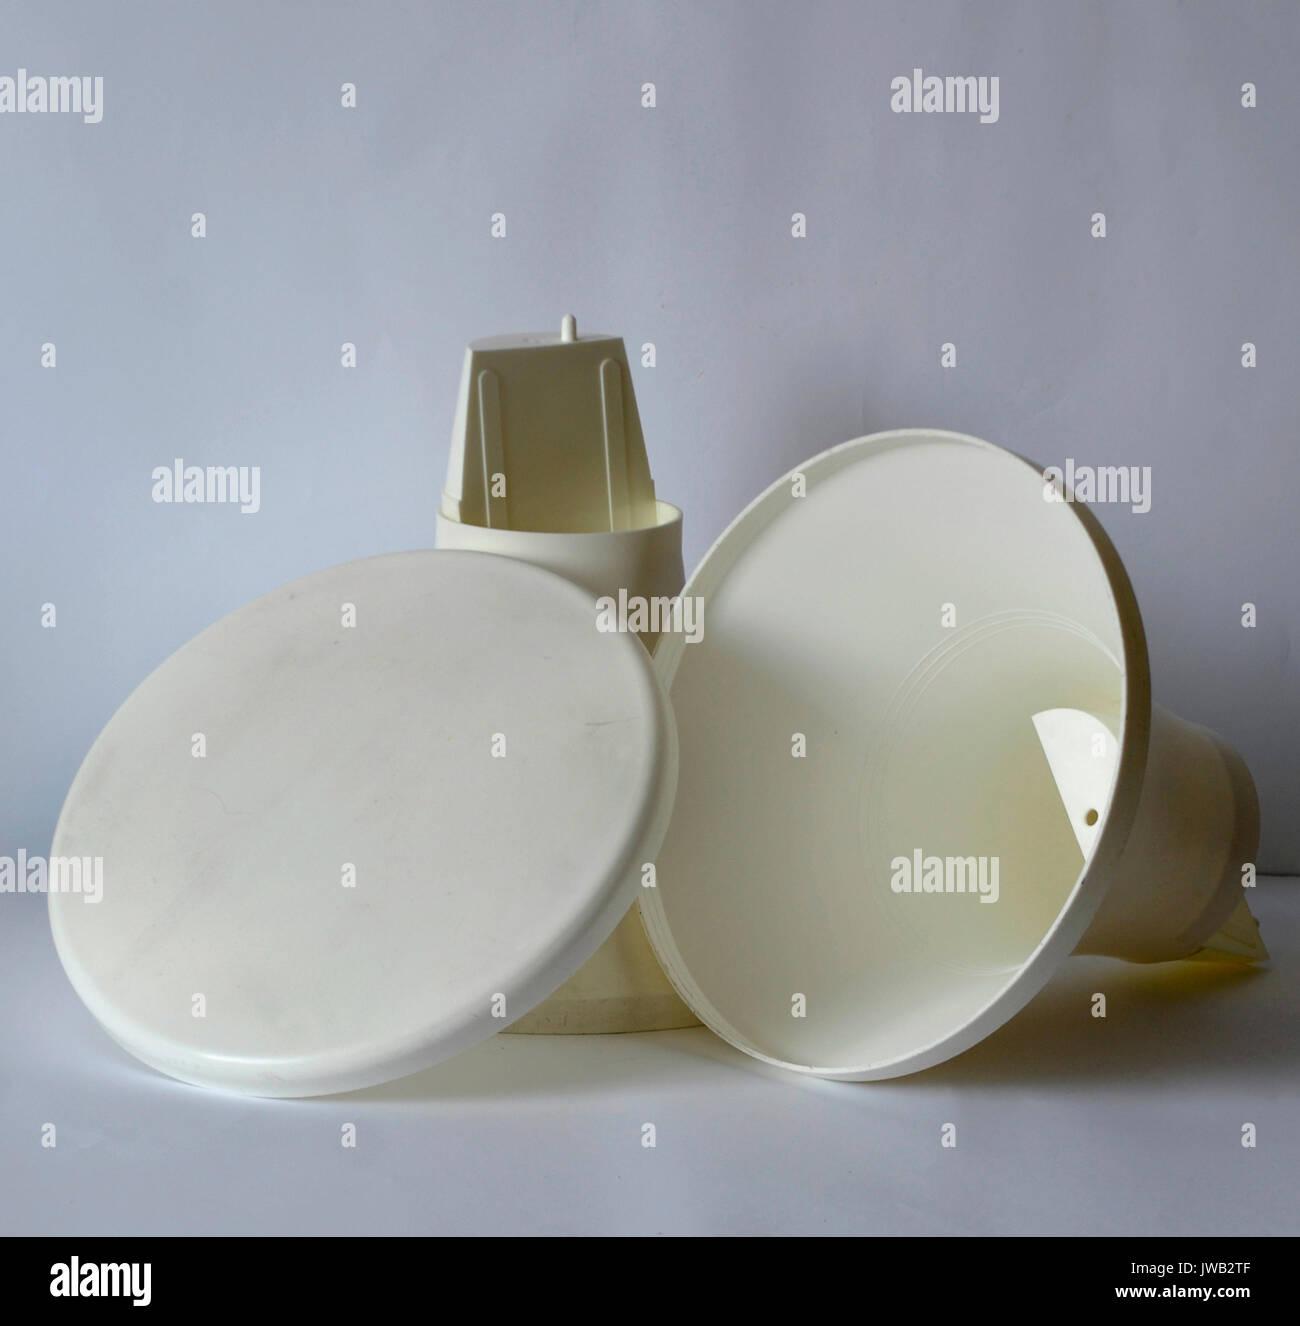 Tabouret Tam Tam Original tam tam white stool. original from the 70s. kaplax brand